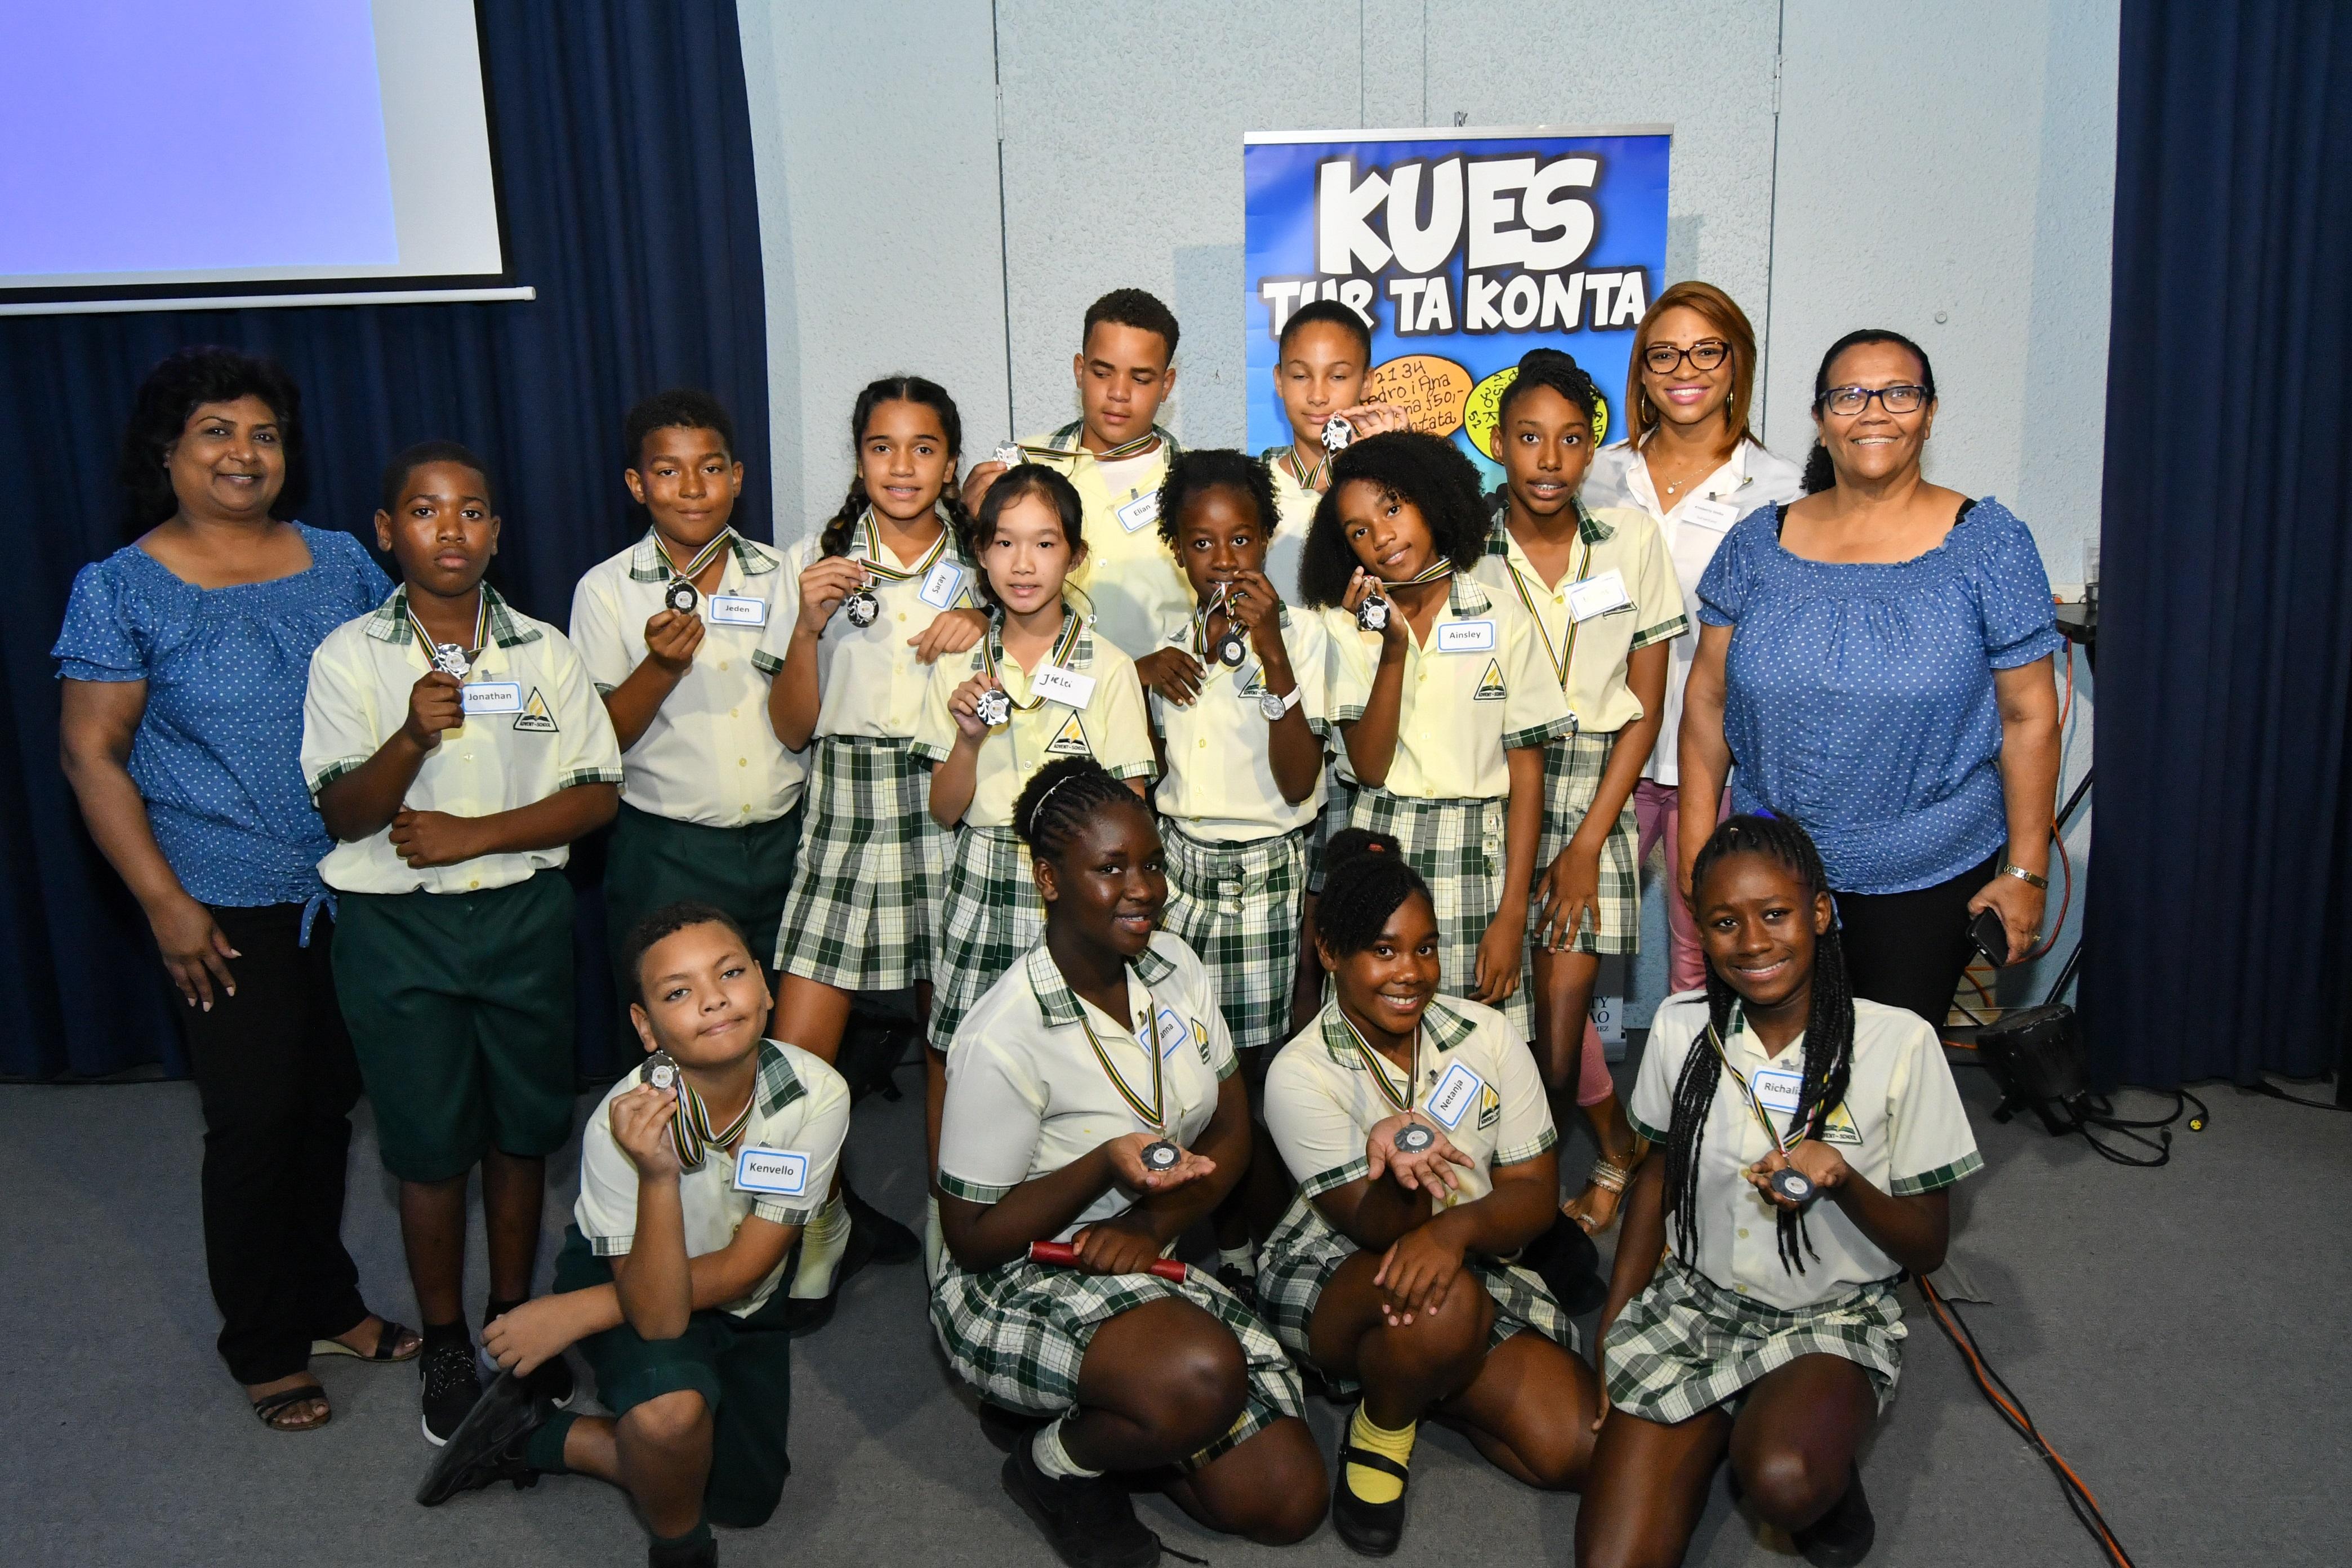 3de prijs Adventschool Bonam scholencompetitie 4 maart 2018